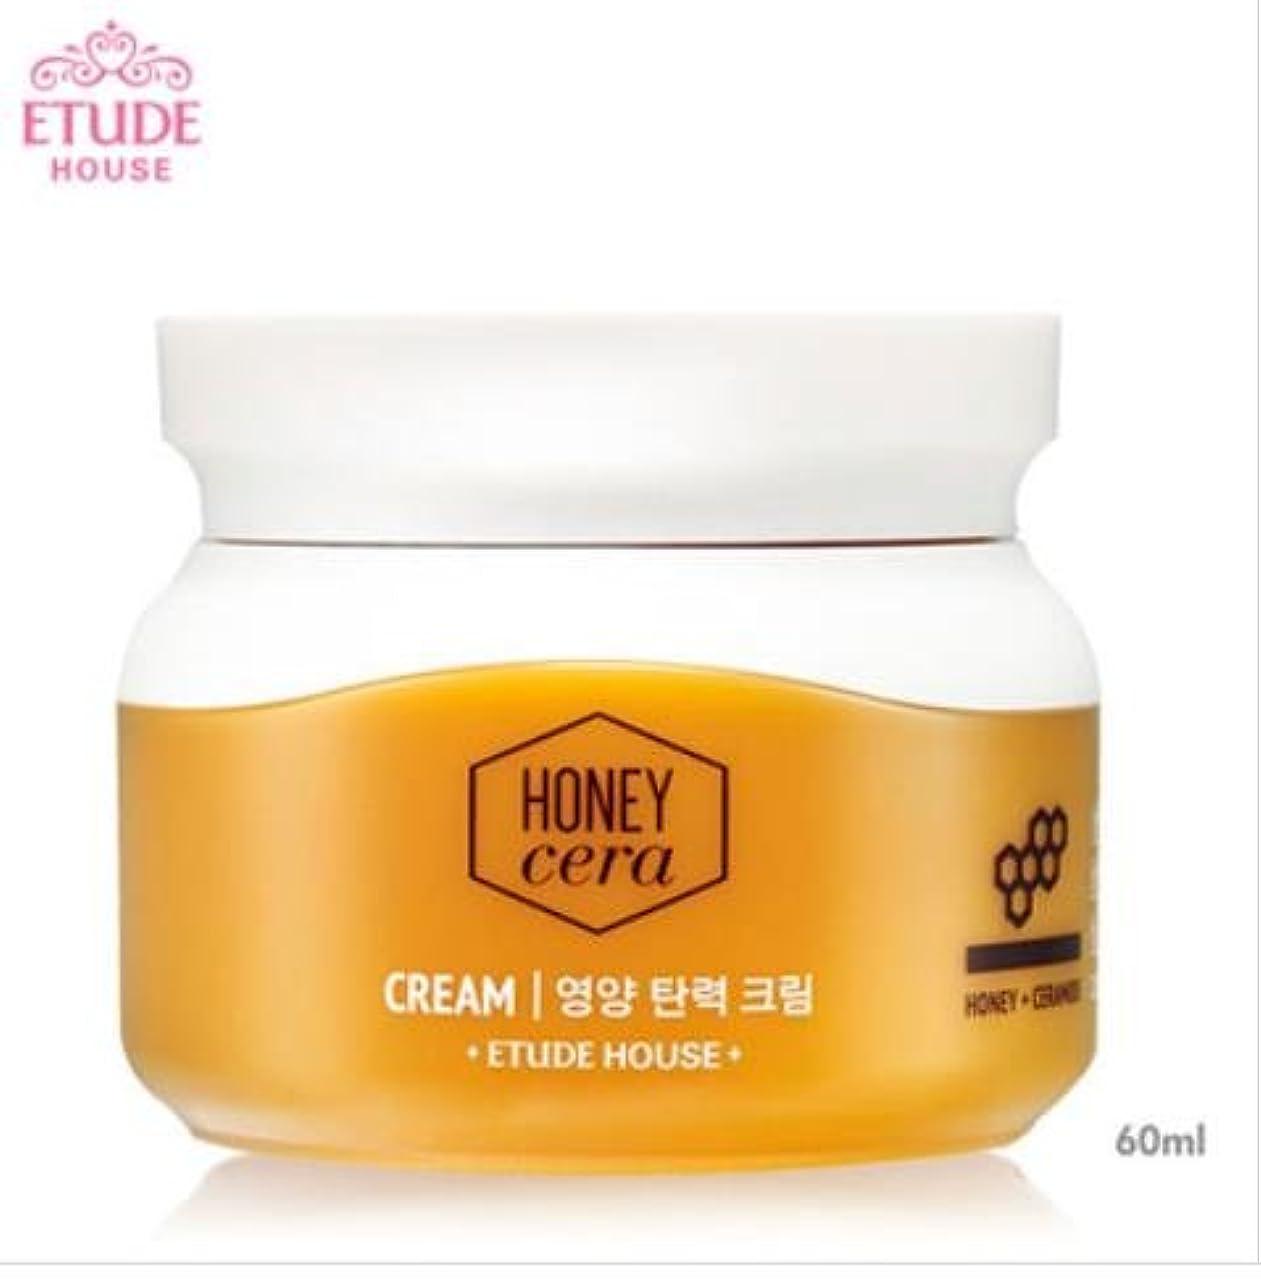 メタン小さなイブニング[エチュードハウス] ETUDE HOUSE [ハニーセラ 栄養弾力 クリーム 60ml](Honey Sarah nutrition elastic Cream 60ml) [並行輸入品]